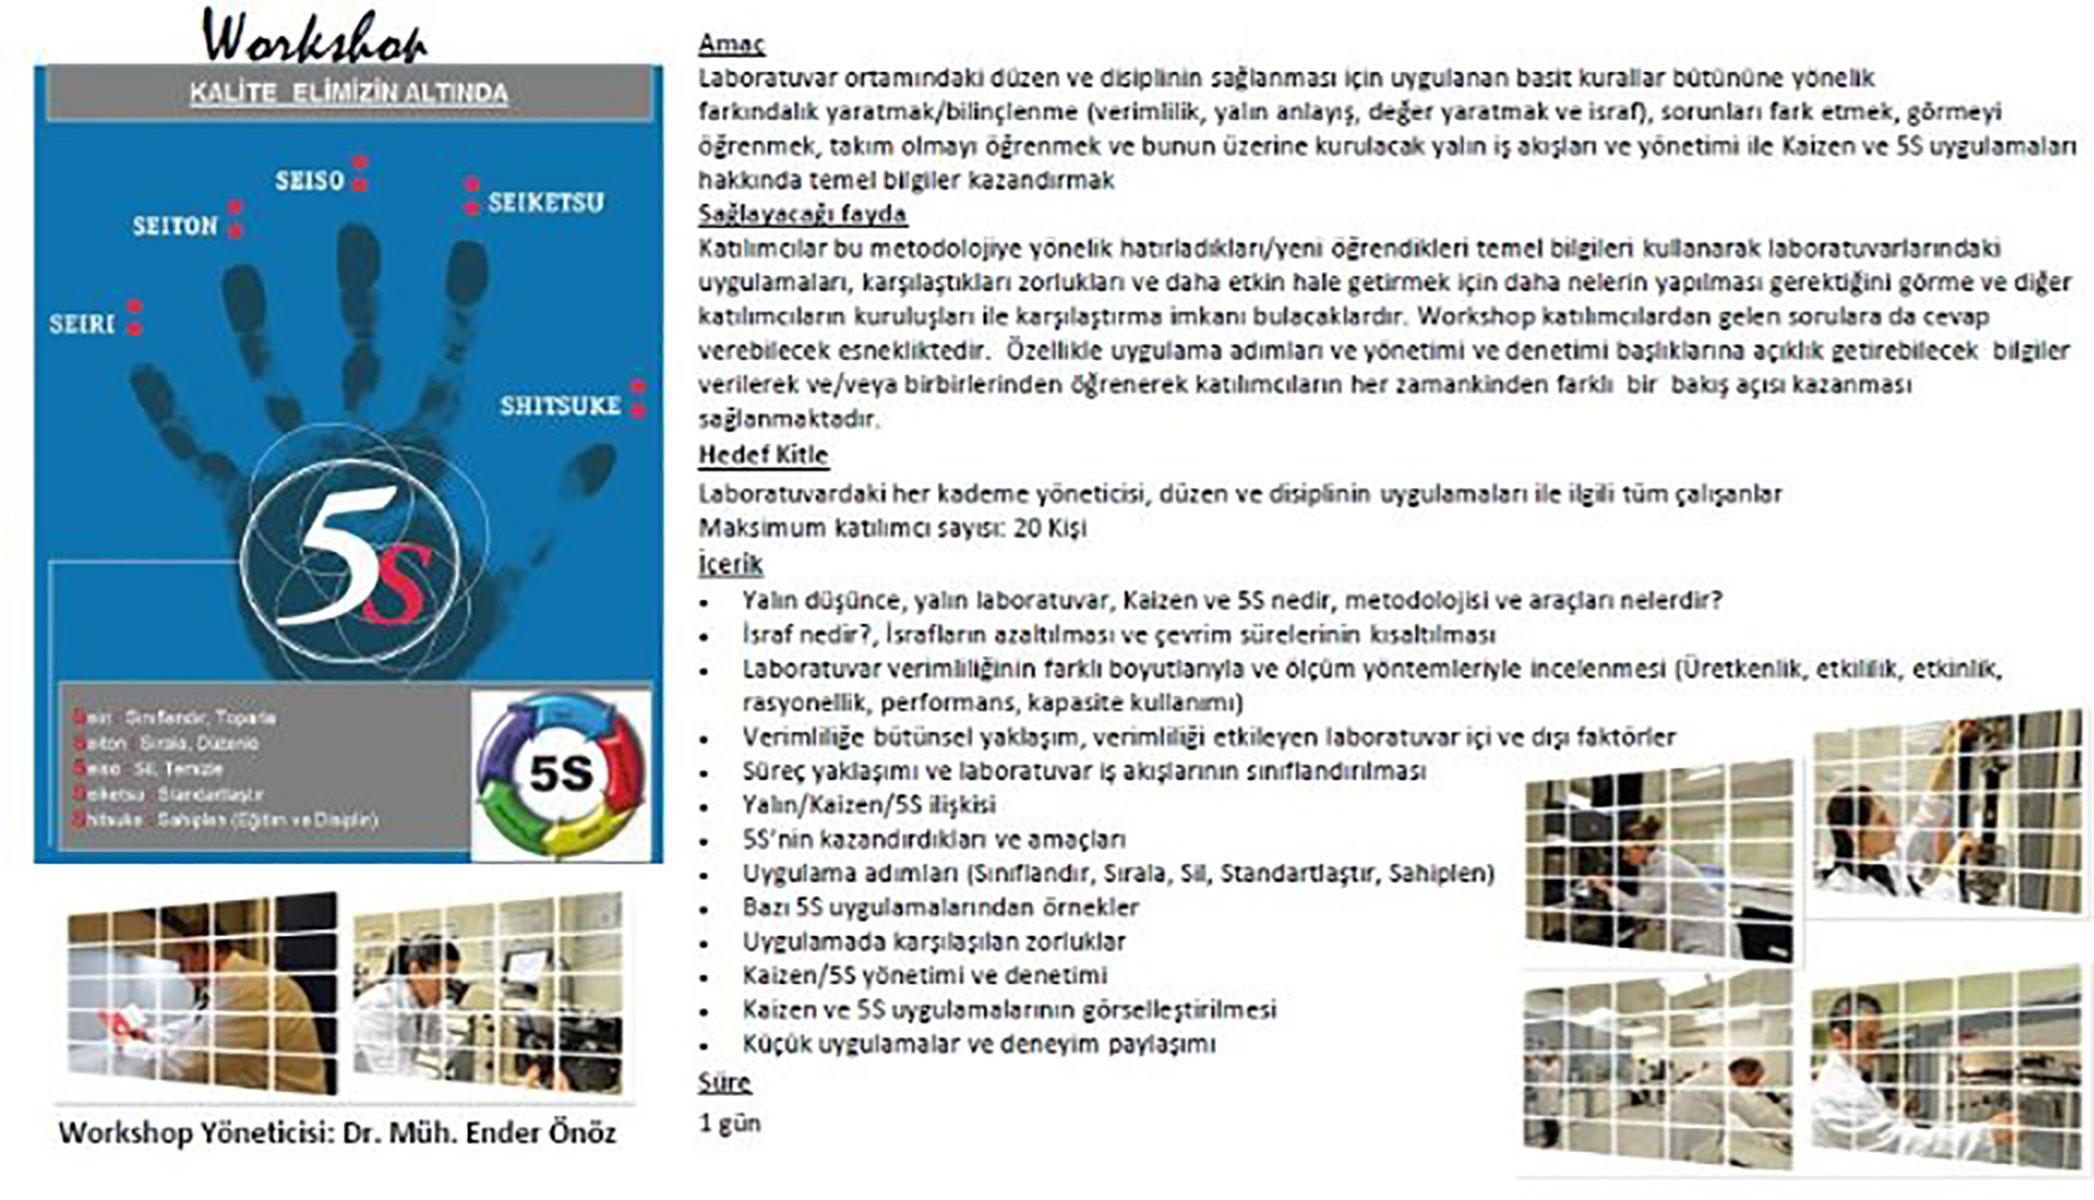 TS EN ISO/IEC 17025 Akreditasyonuna Sahip Deney ve Kalibrasyon Laboratuvarları için